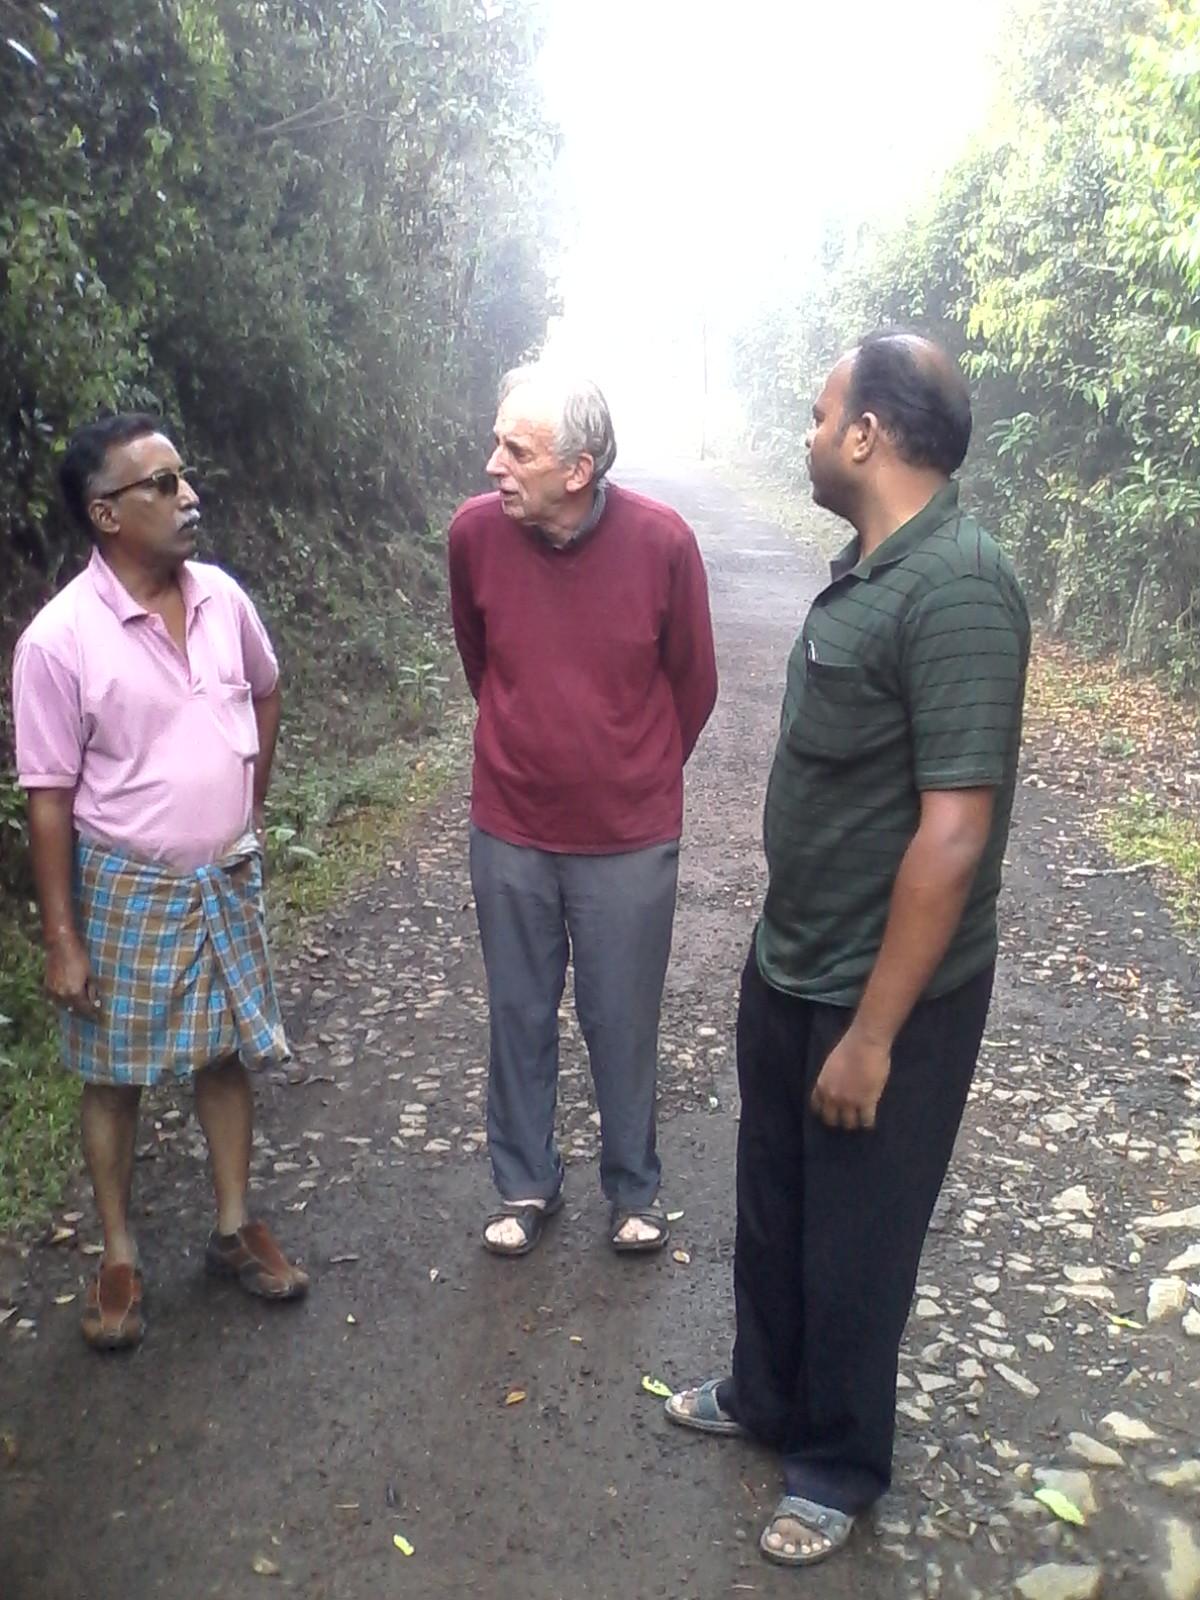 விஜயராகவன், ராய், கிருஷ்ணன்